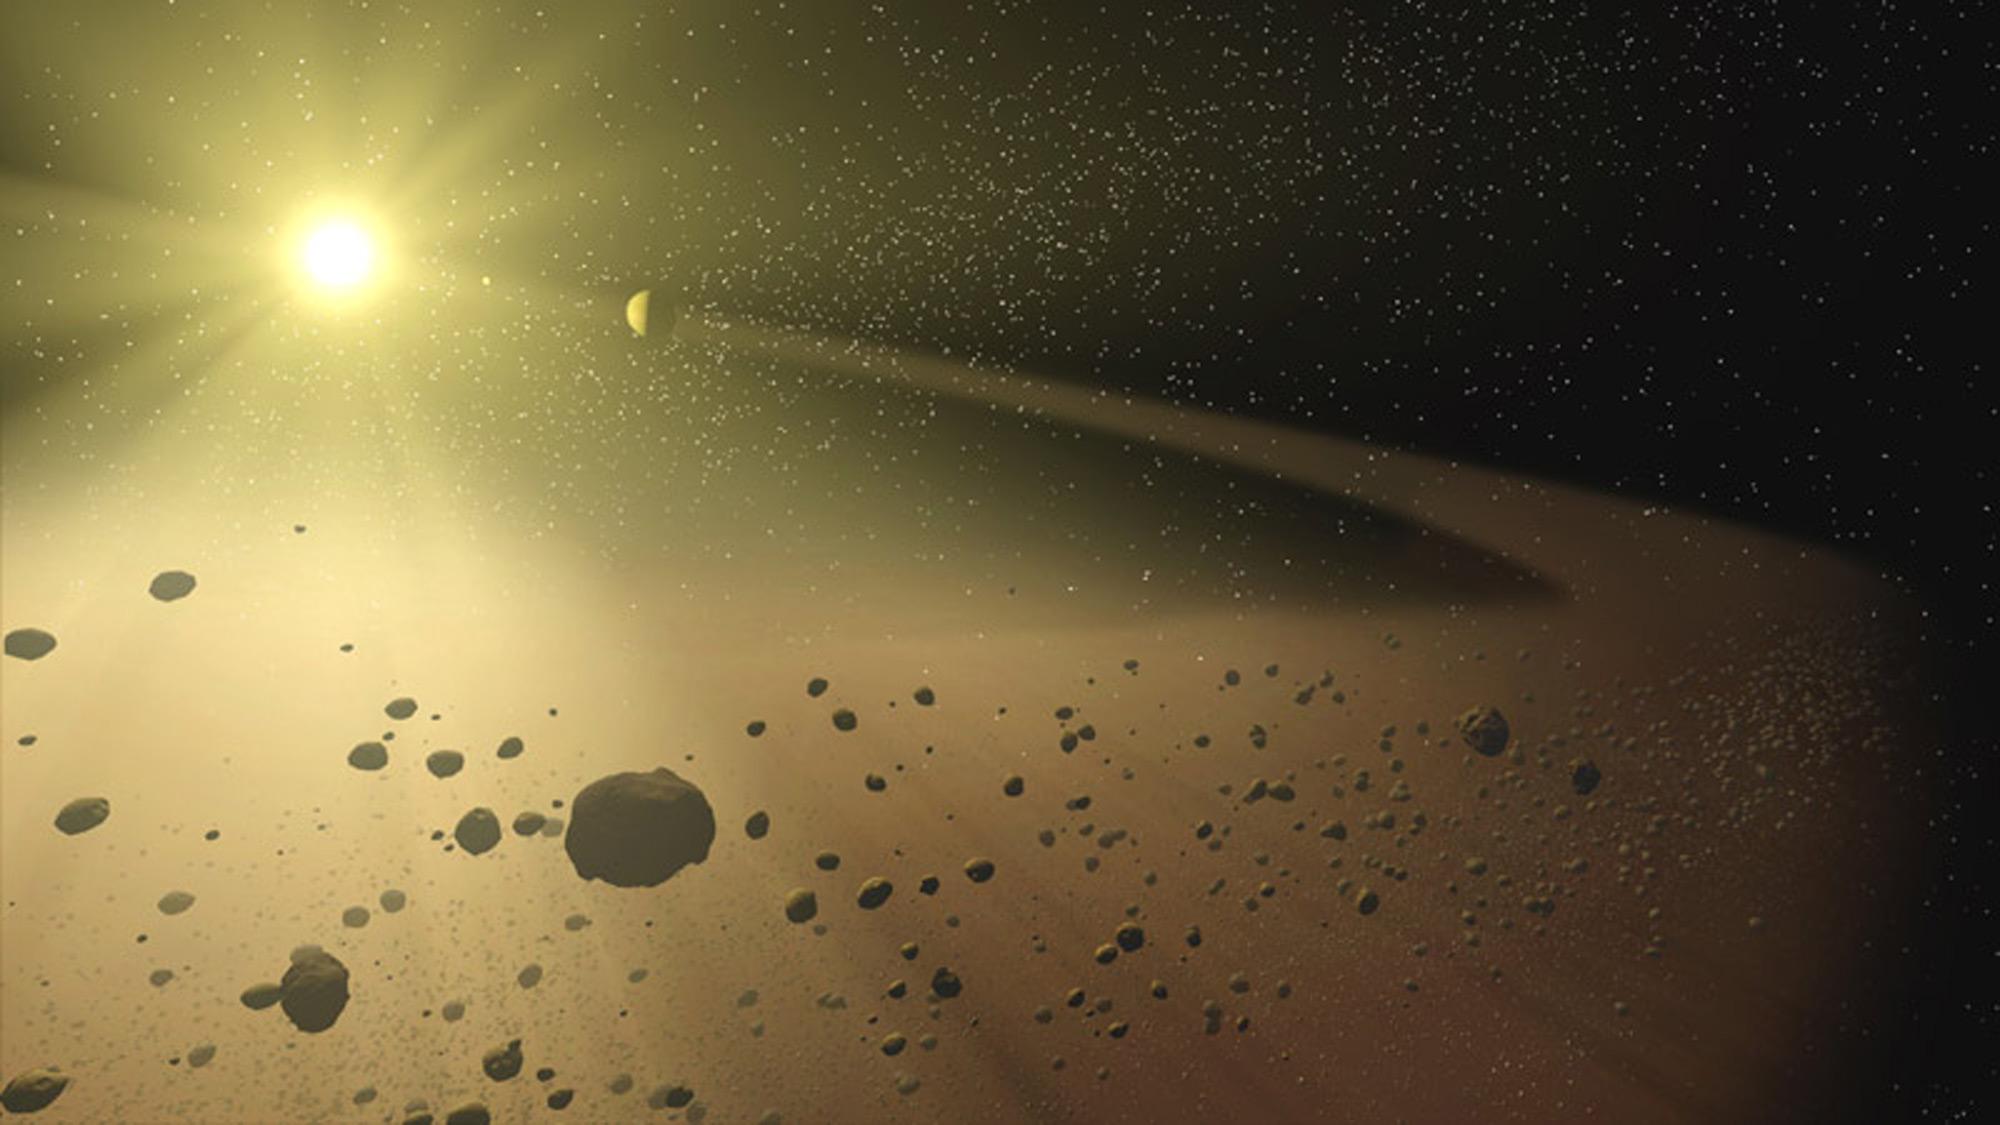 Viaggio nel sistema solare: la fascia degli asteroidi